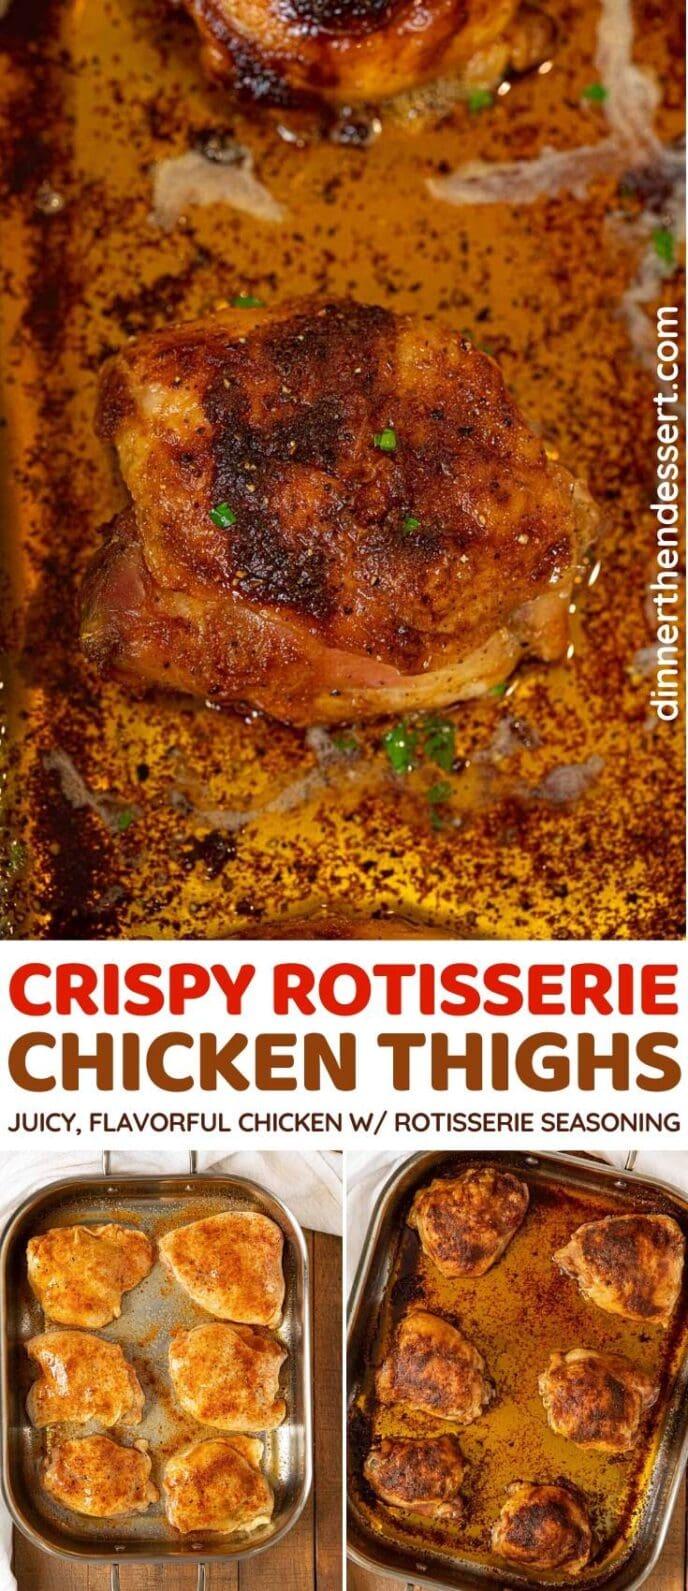 Crispy Rotisserie Chicken Thighs collage